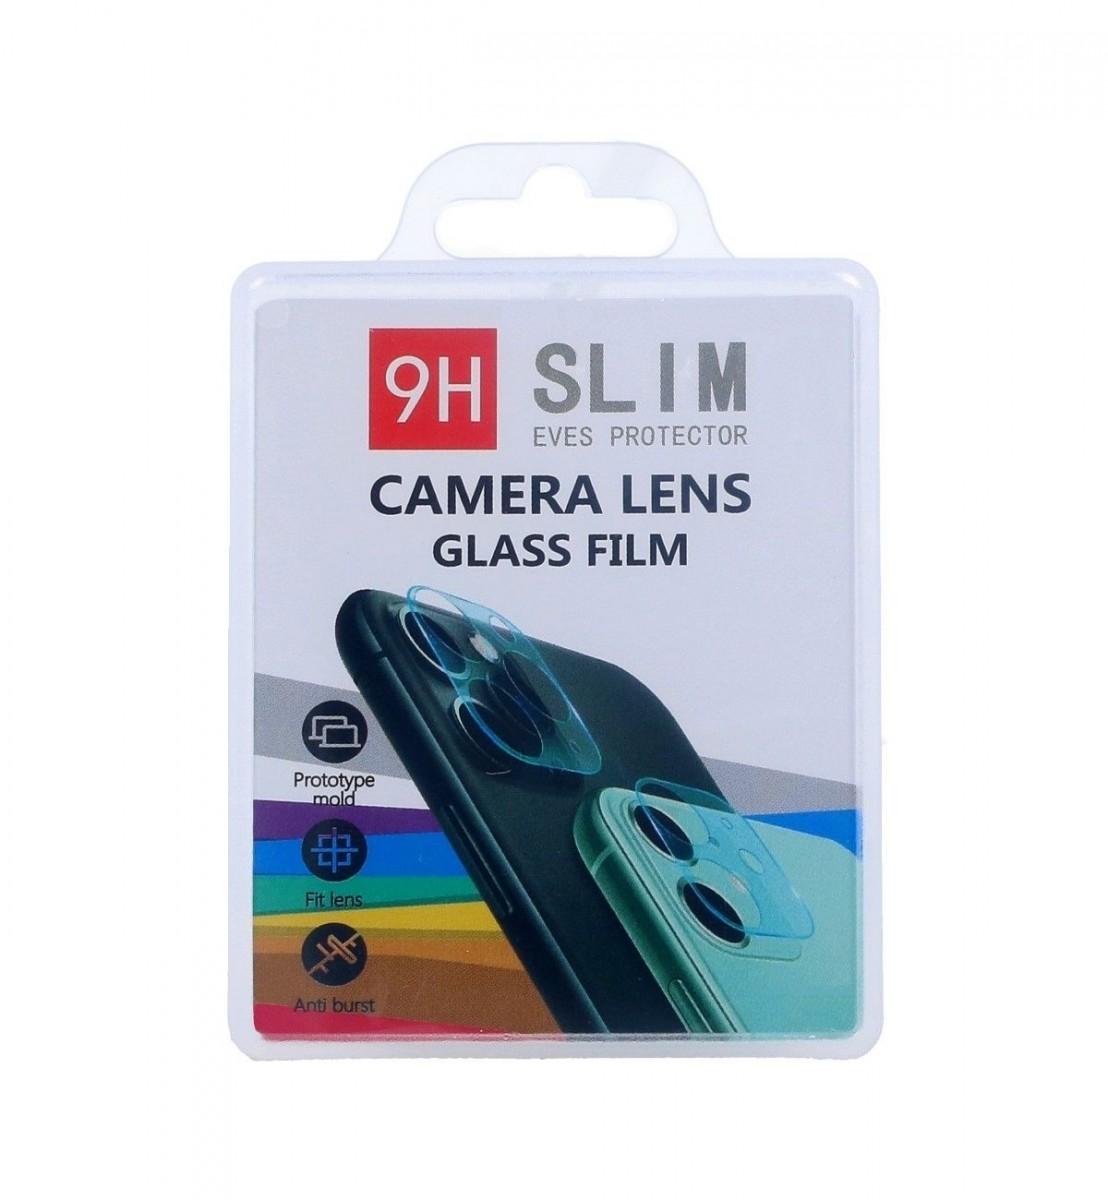 Tvrzené sklo TopQ na zadní fotoaparát Xiaomi Redmi 9C 54780 (ochranné sklo na zadní čočku fotoaparátu Xiaomi Redmi 9C)